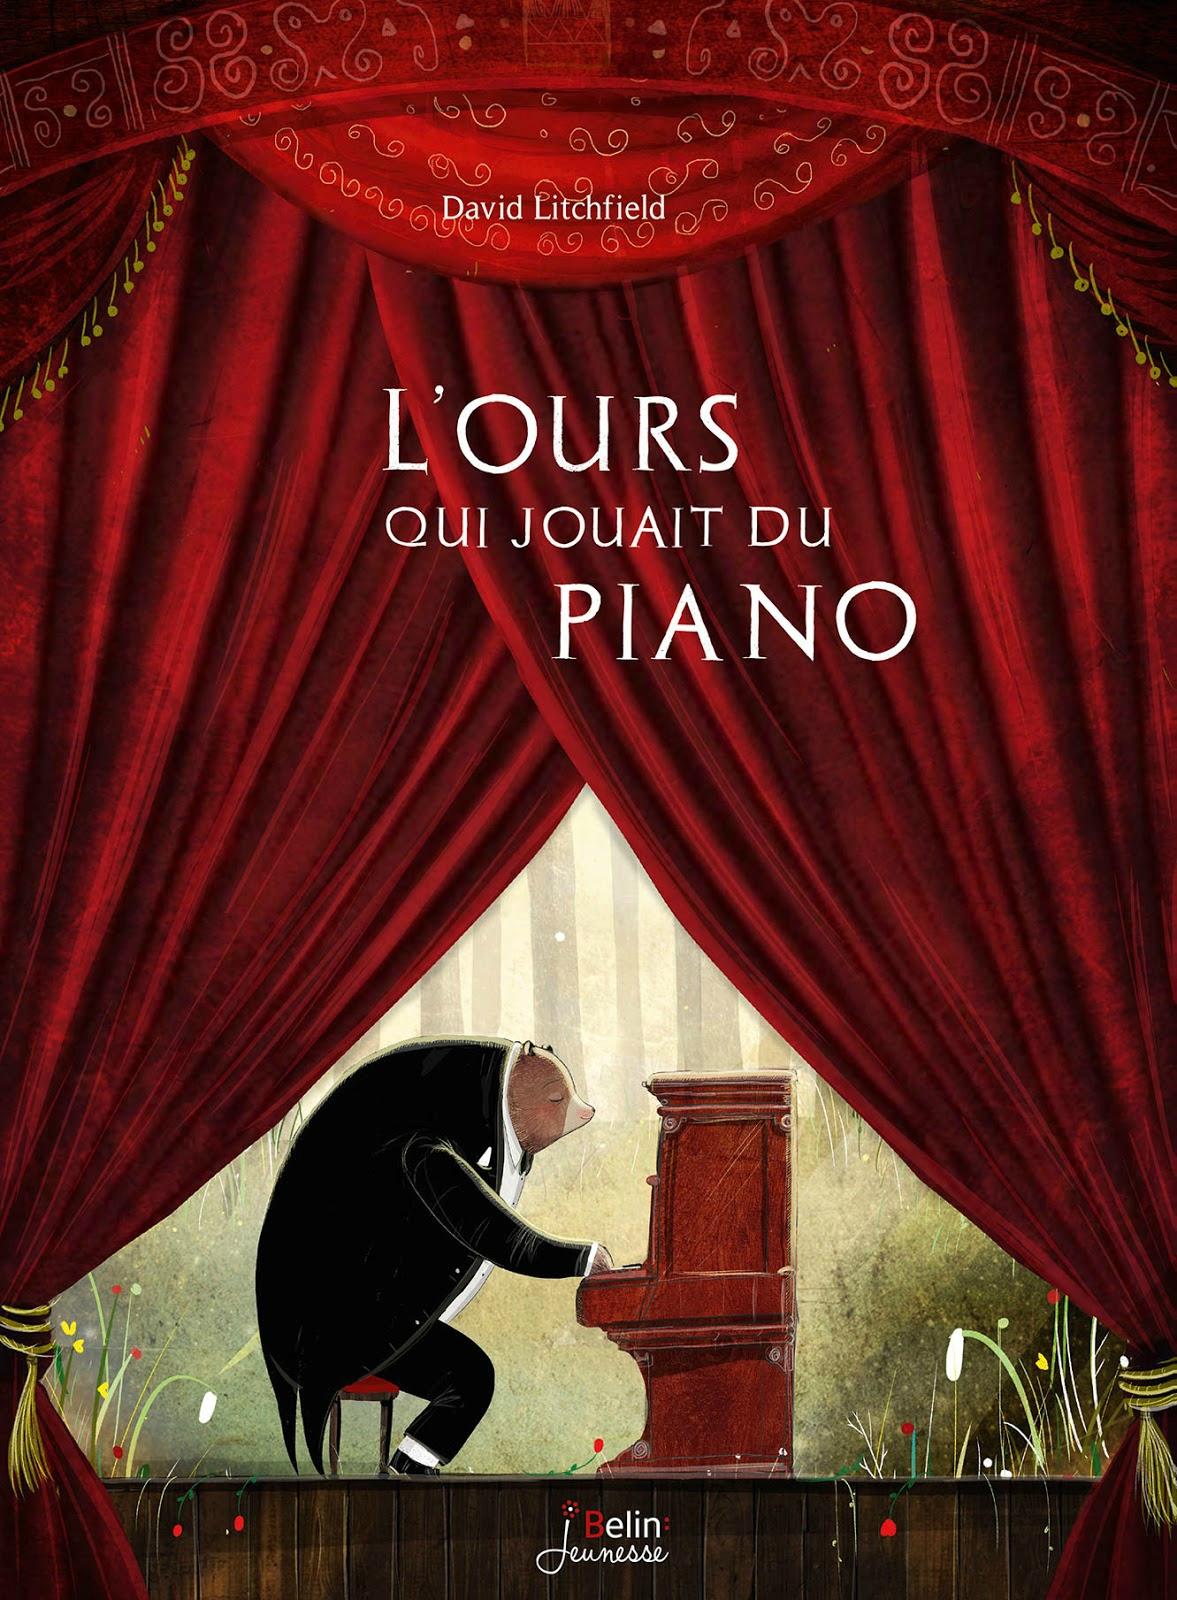 Livre anime mars – l'ours qui jouait du piano